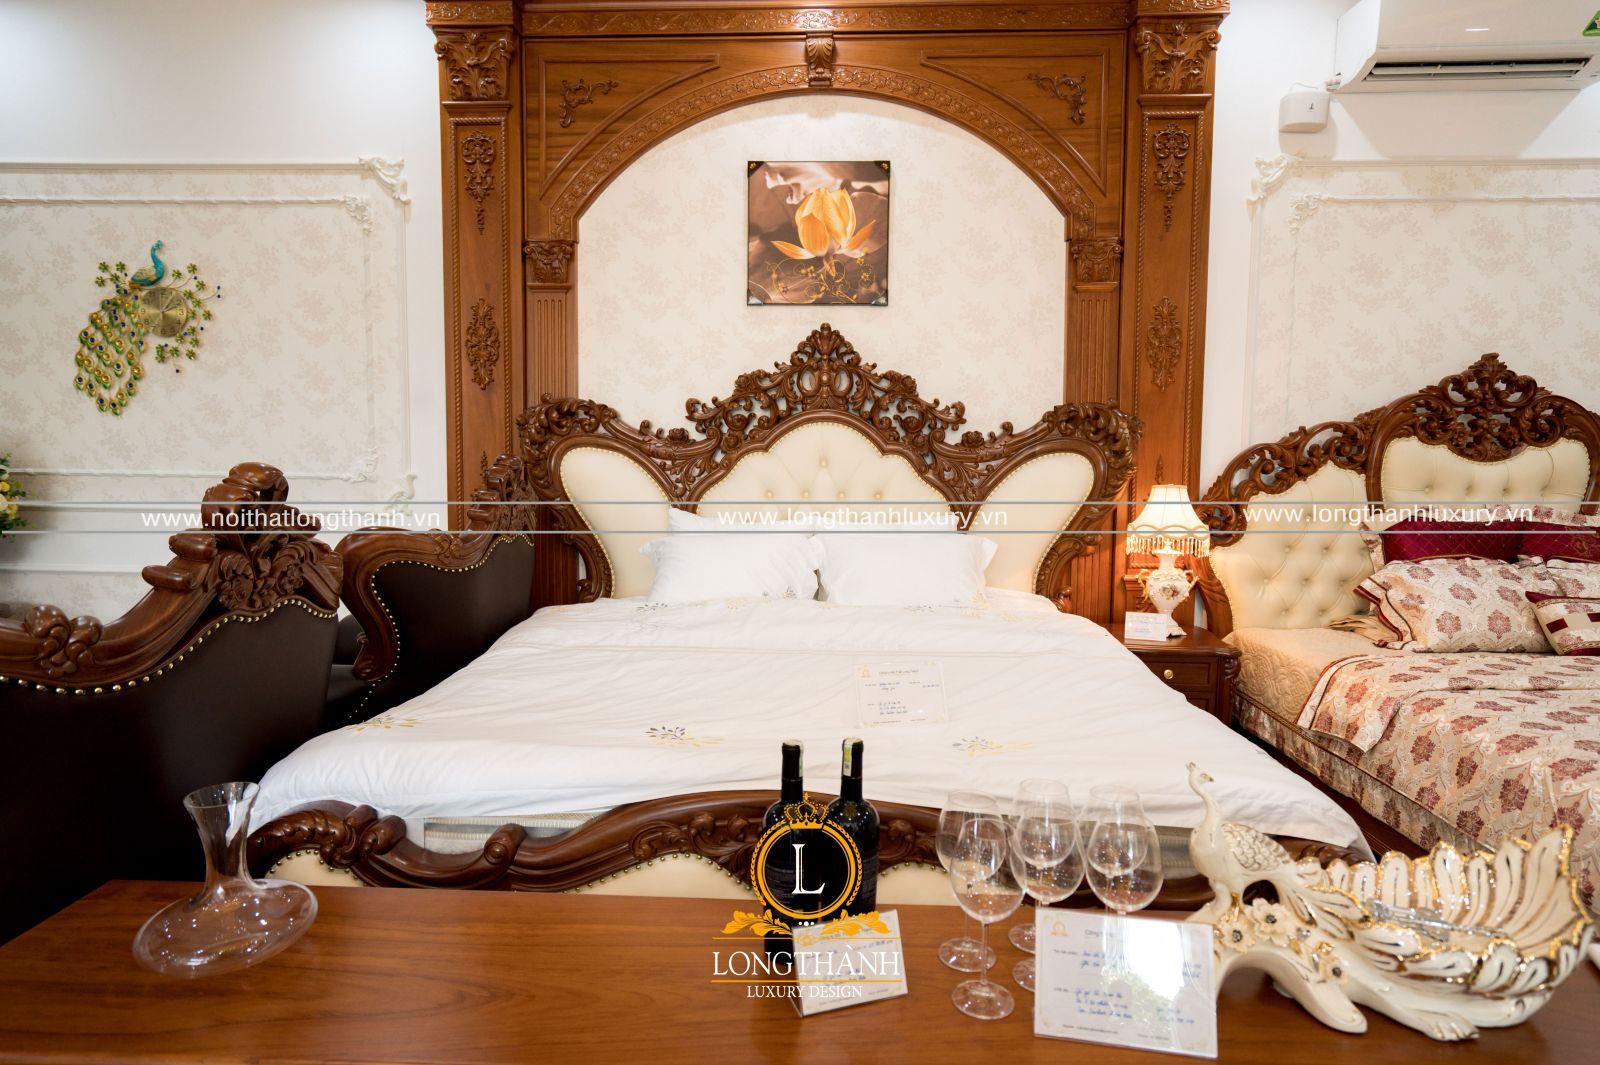 Những chiếc giường ngủ tân cổ điển cũng được trưng bày tại cửa hàng đại lý cho khách hàng tham quan trải nghiệm